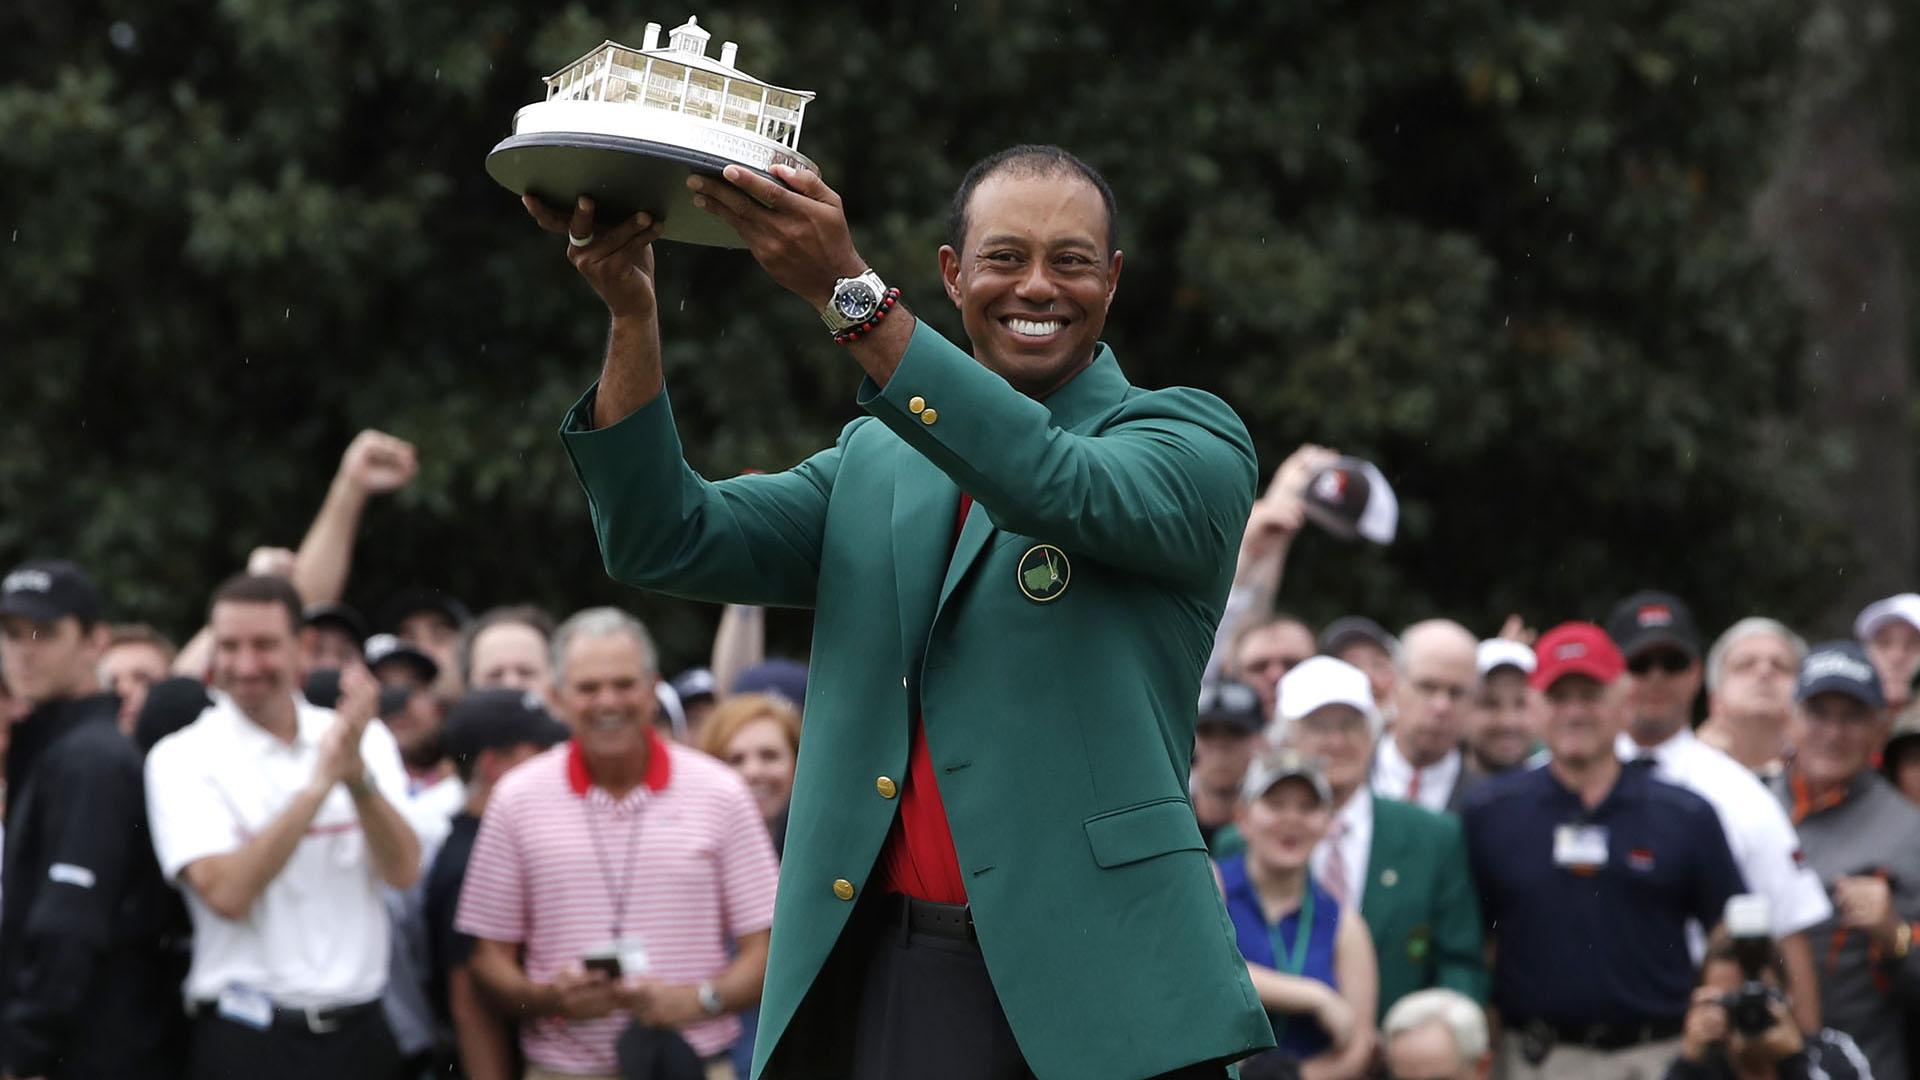 Momento supremo: Woods levanta el trofeo del Masters de Augusta con la tradicional chaqueta verde(REUTERS/Mike Segar)